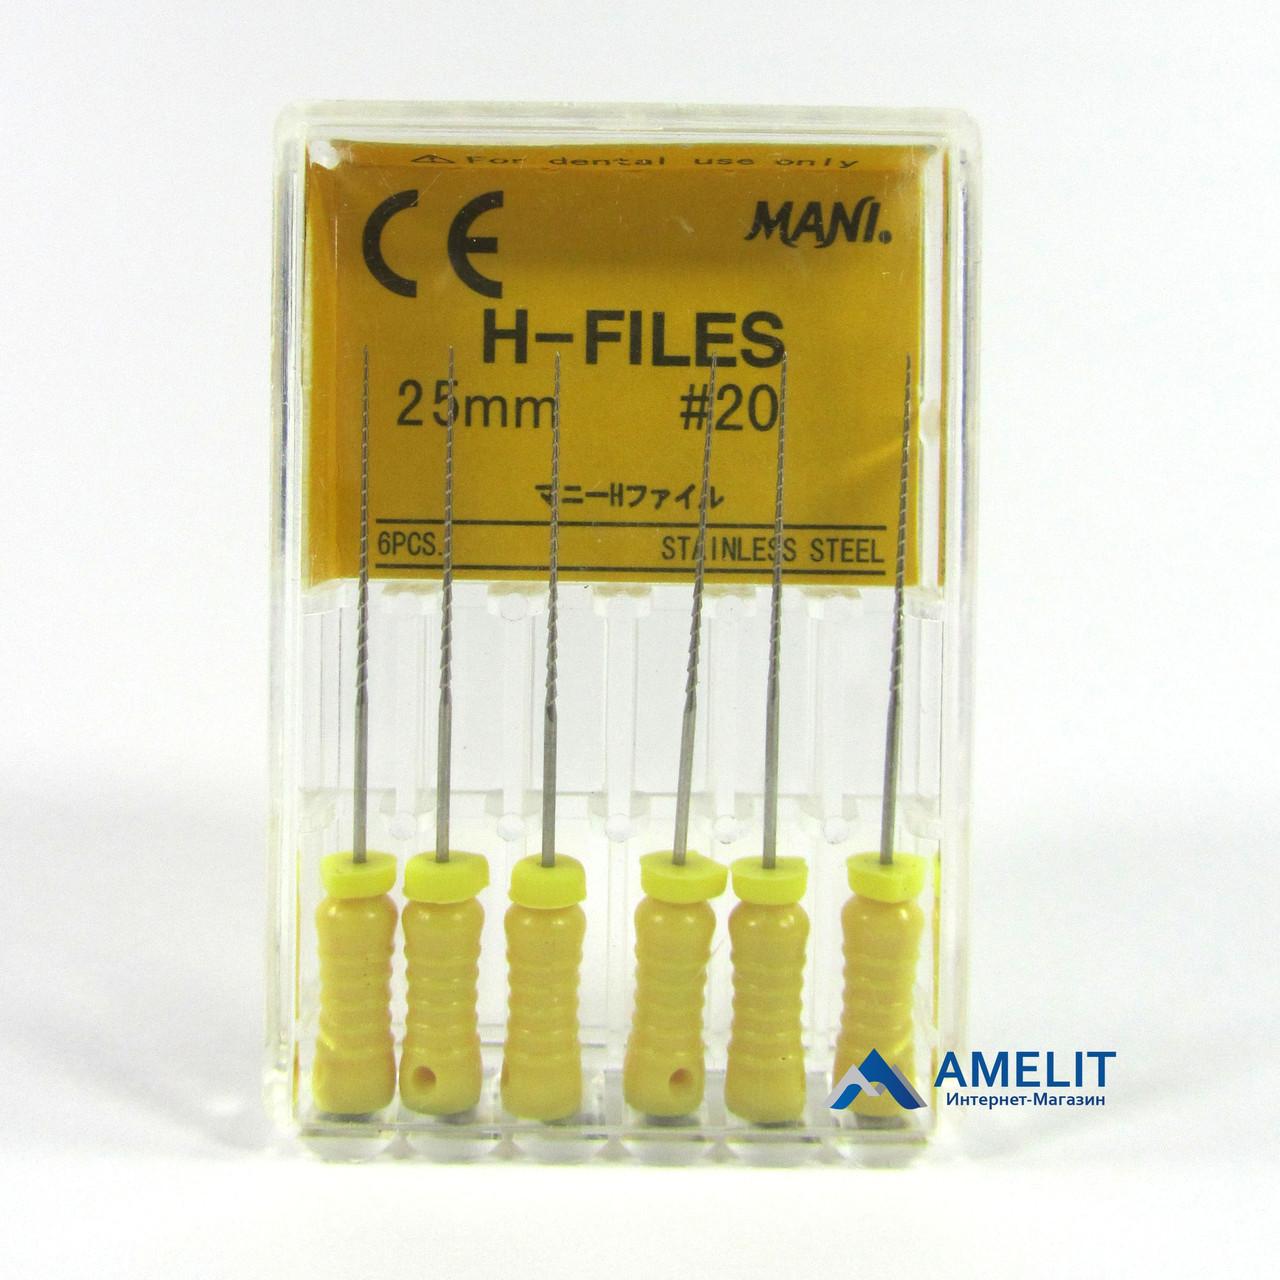 H-файл№20(H-file, Mani), 25мм, 6шт./уп